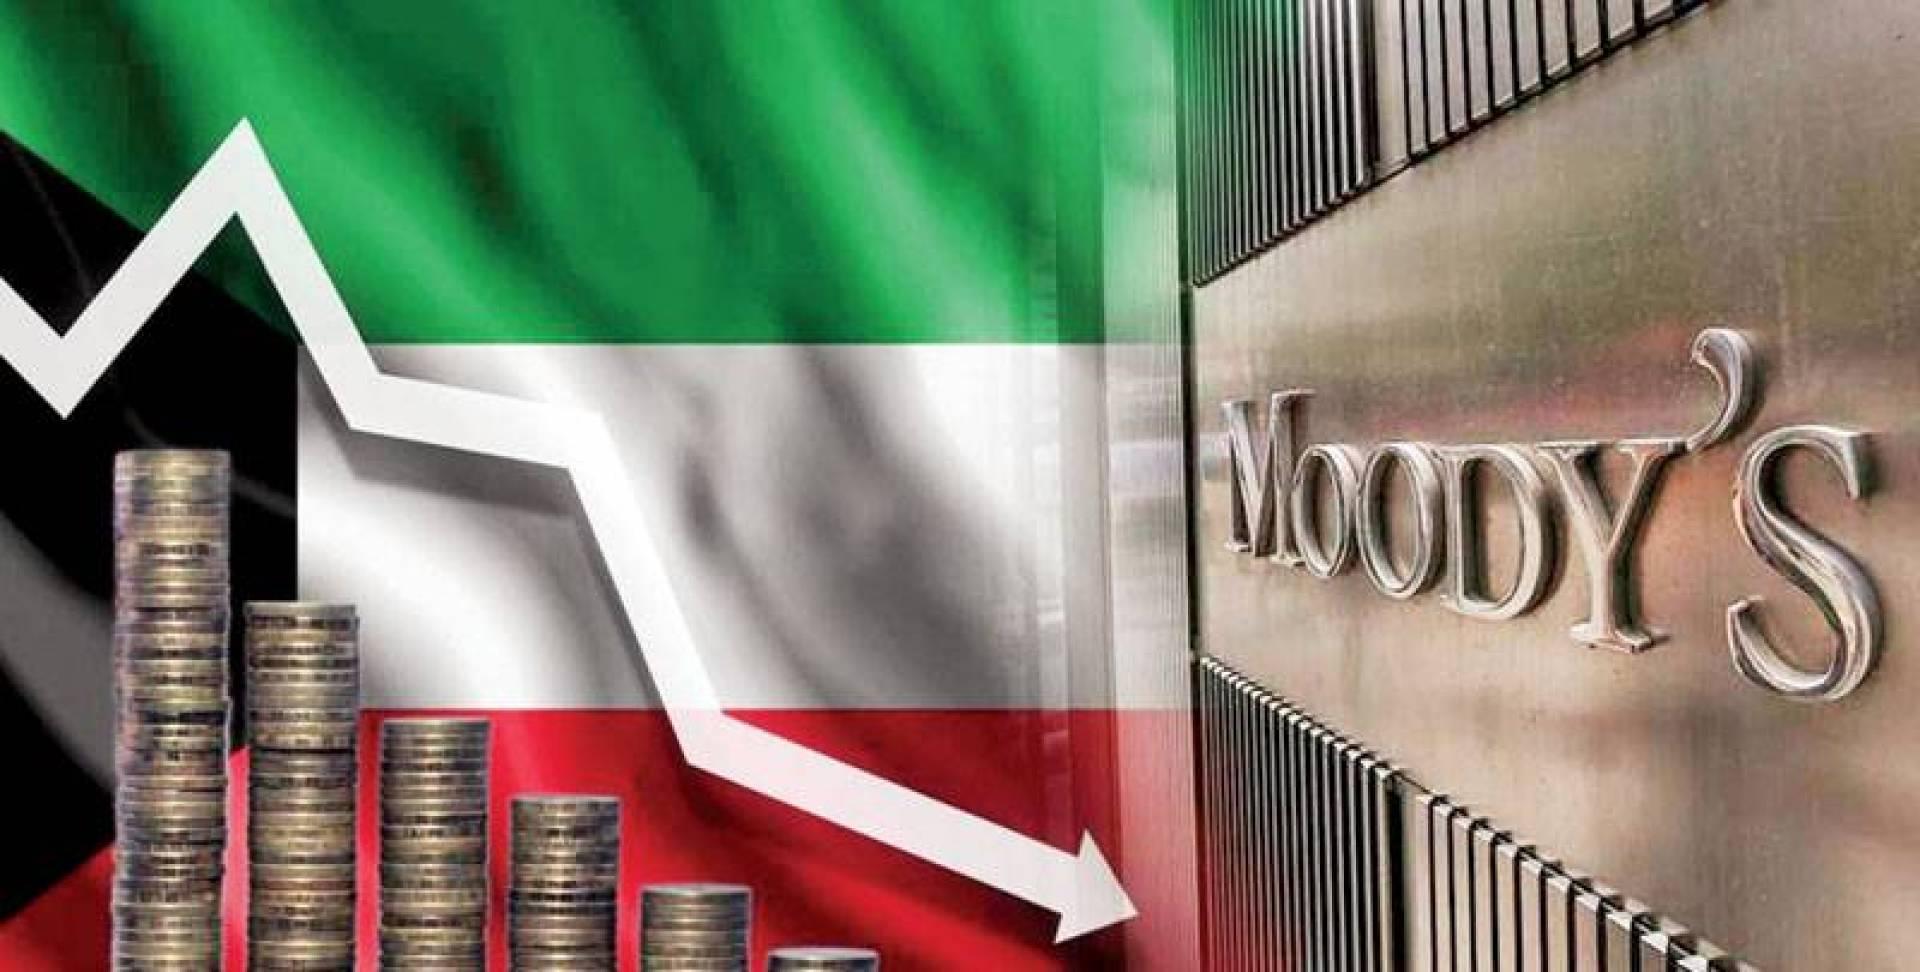 «الجمعية الاقتصادية»: 5 عوامل ستُبخر الأصول السيادية للدولة!